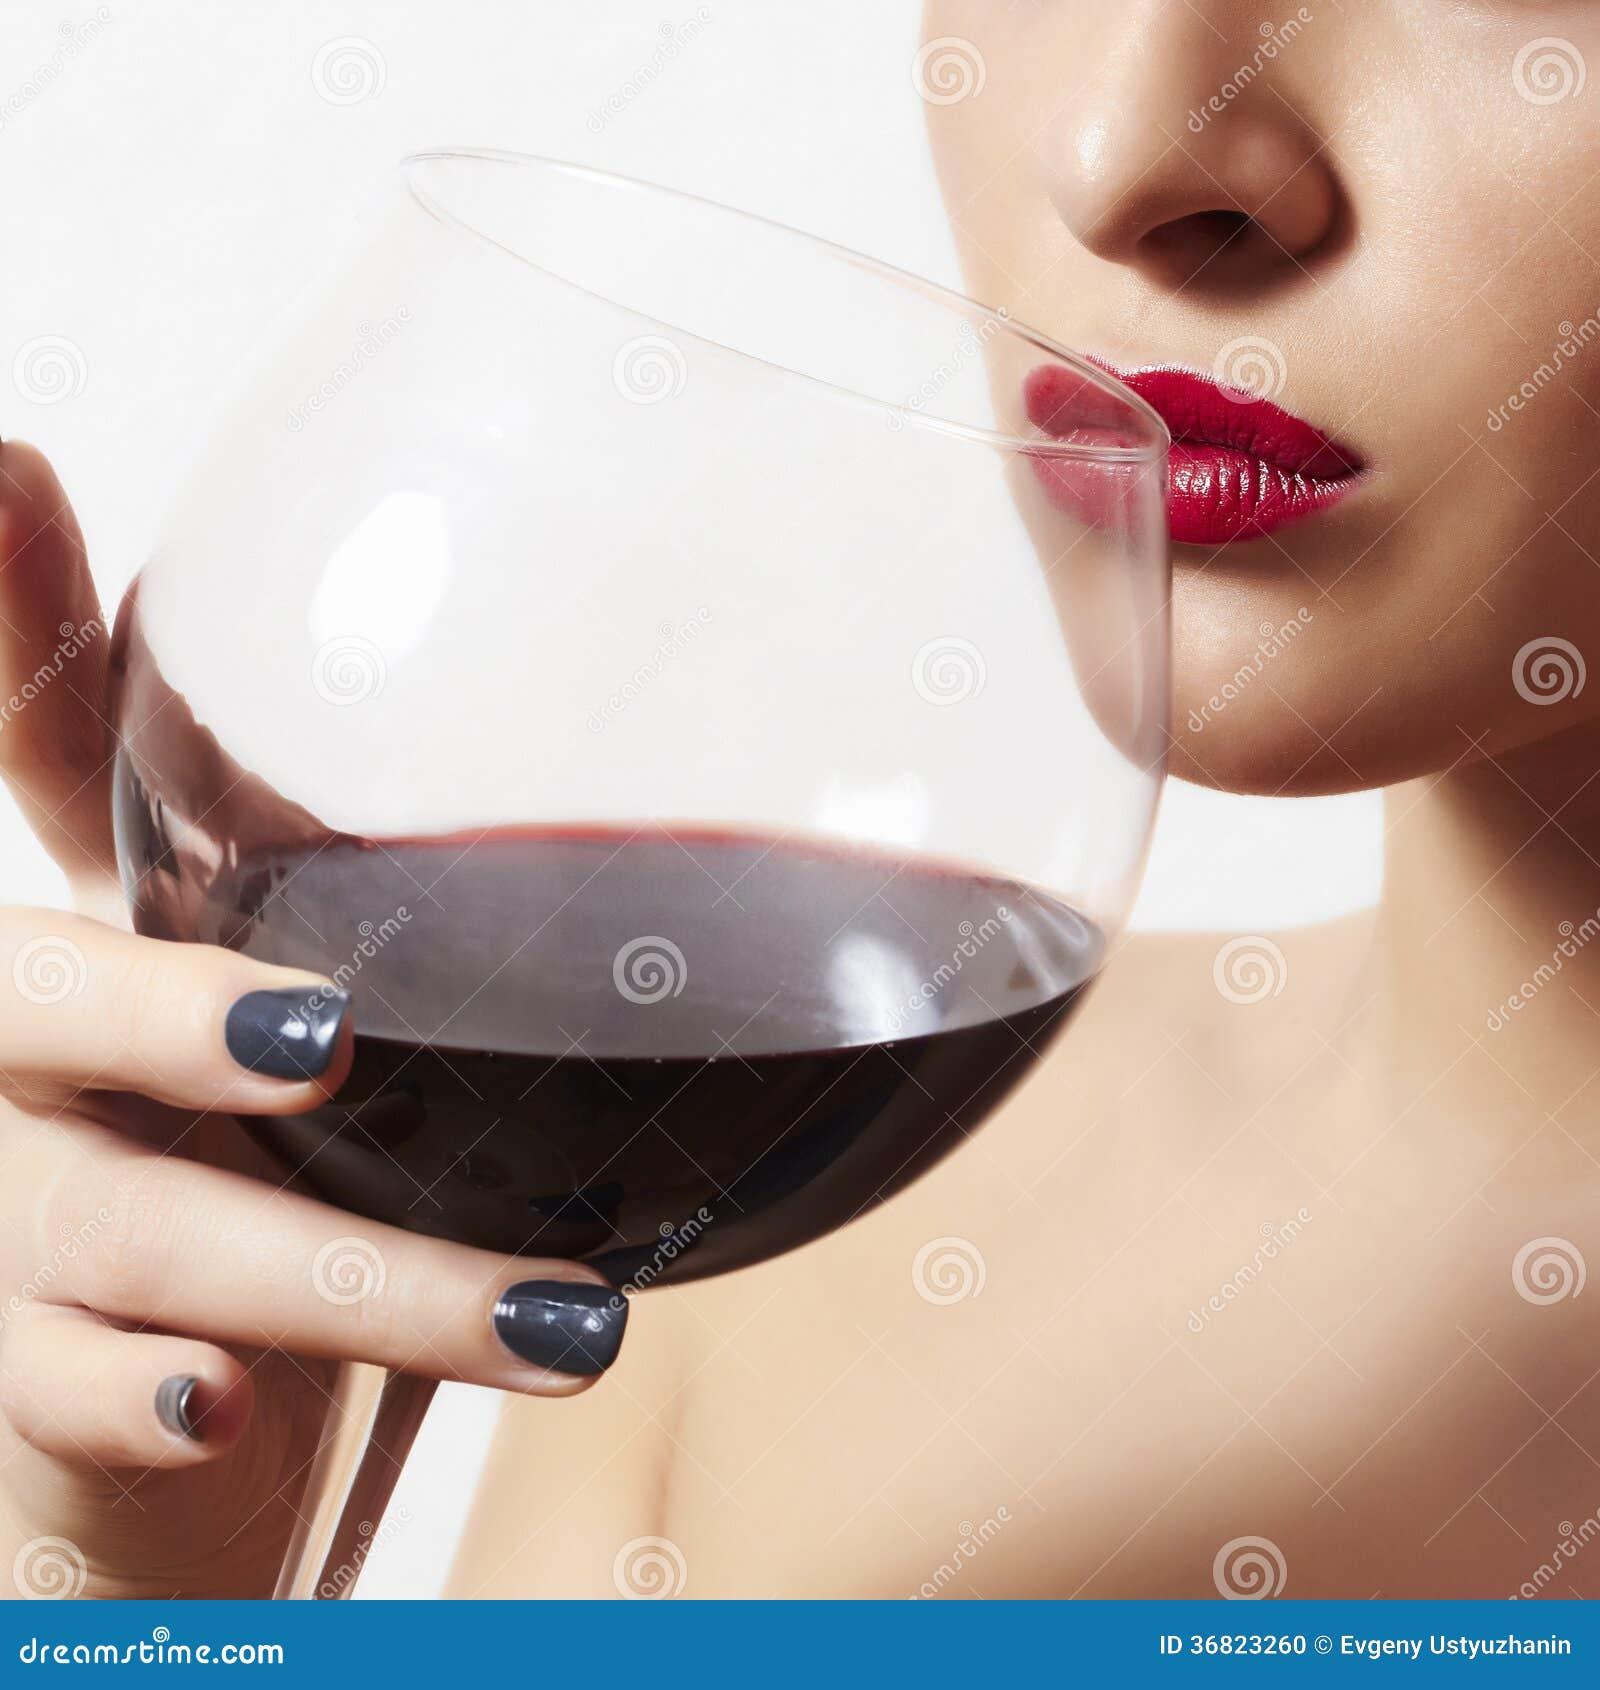 Belle femme buvant les lèvres rouges de wine.wineglass.red